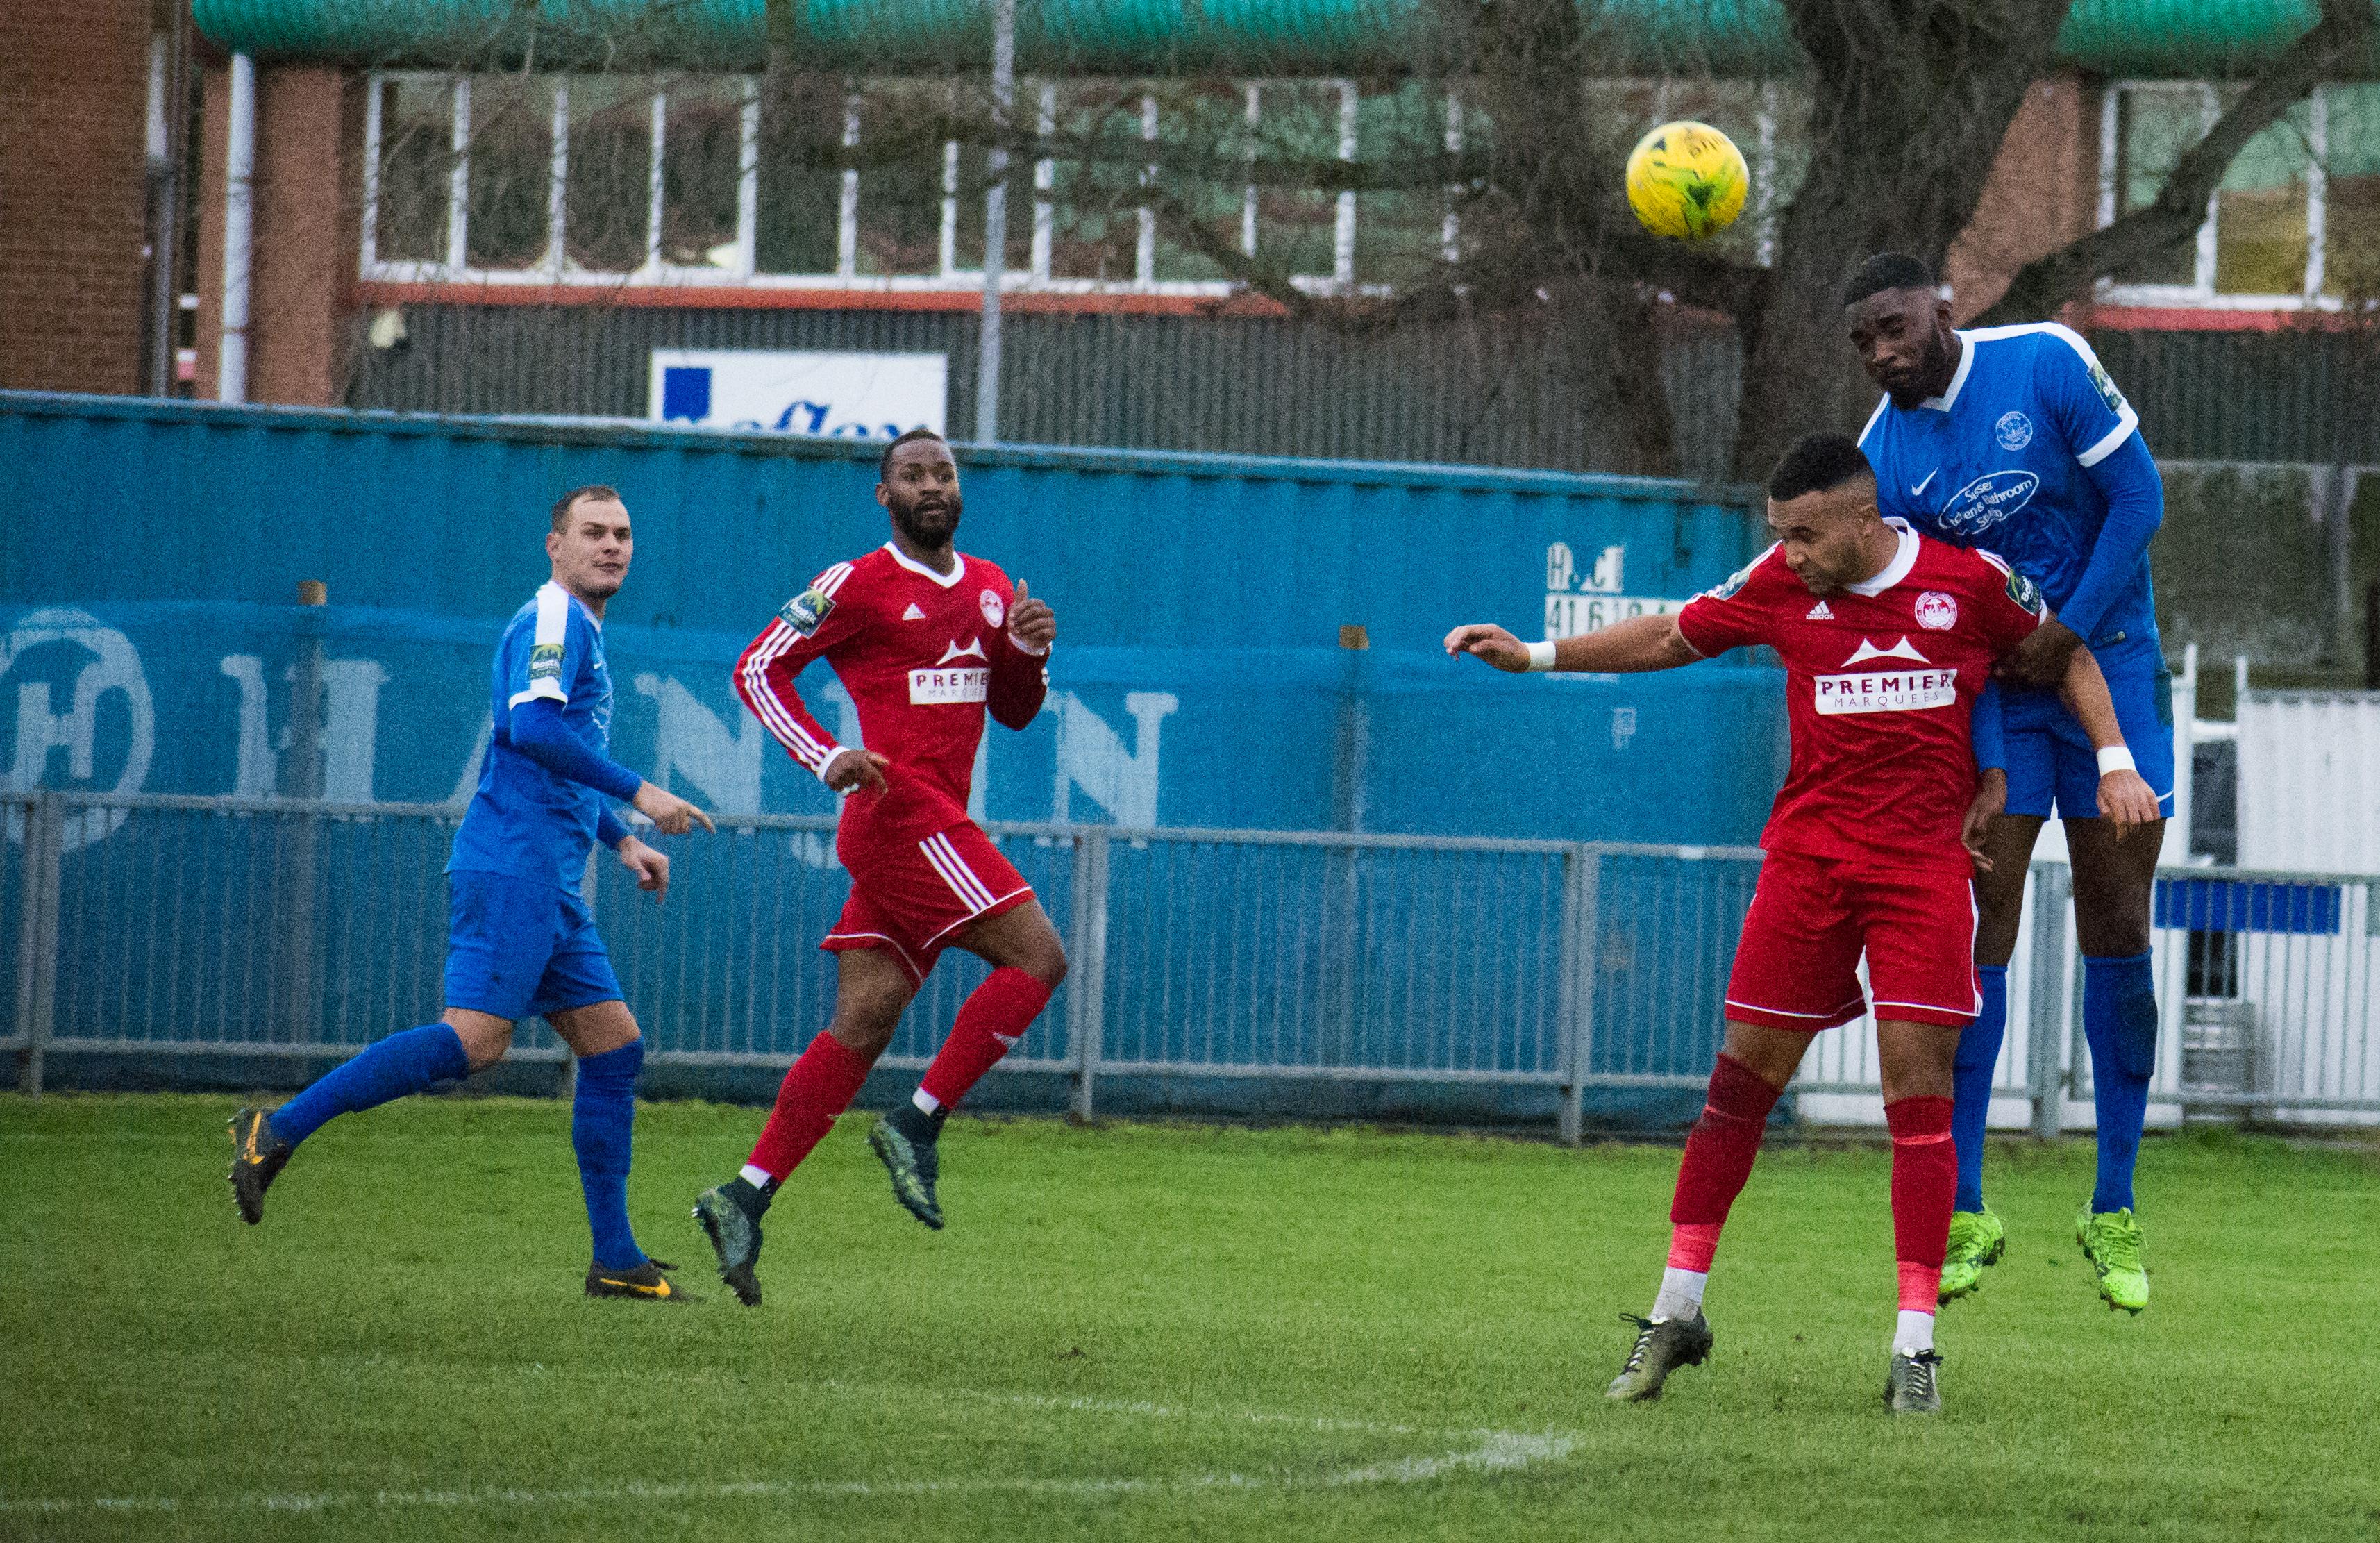 Shoreham FC vs Hythe Town 11.11.17 58